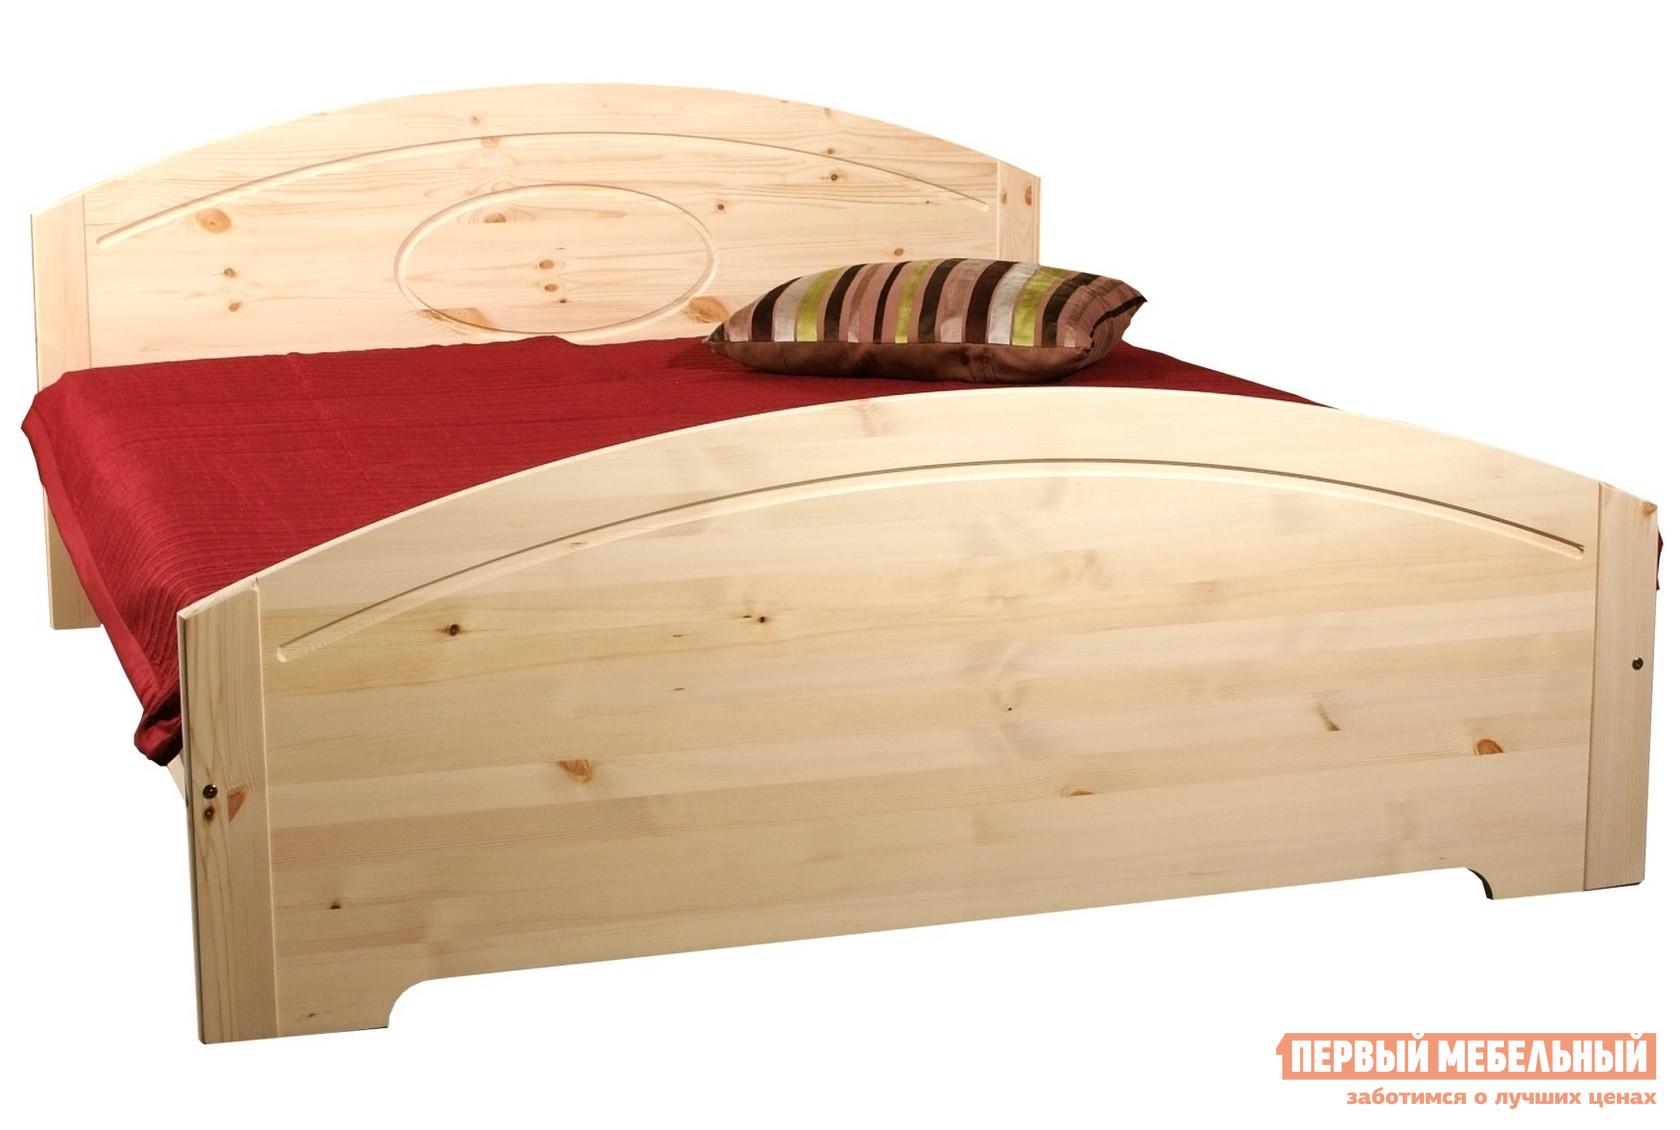 Кровать Timberica Инга Спальное место 1200 Х 2000 мм,Бесцветный лак,Без матраса от Купистол